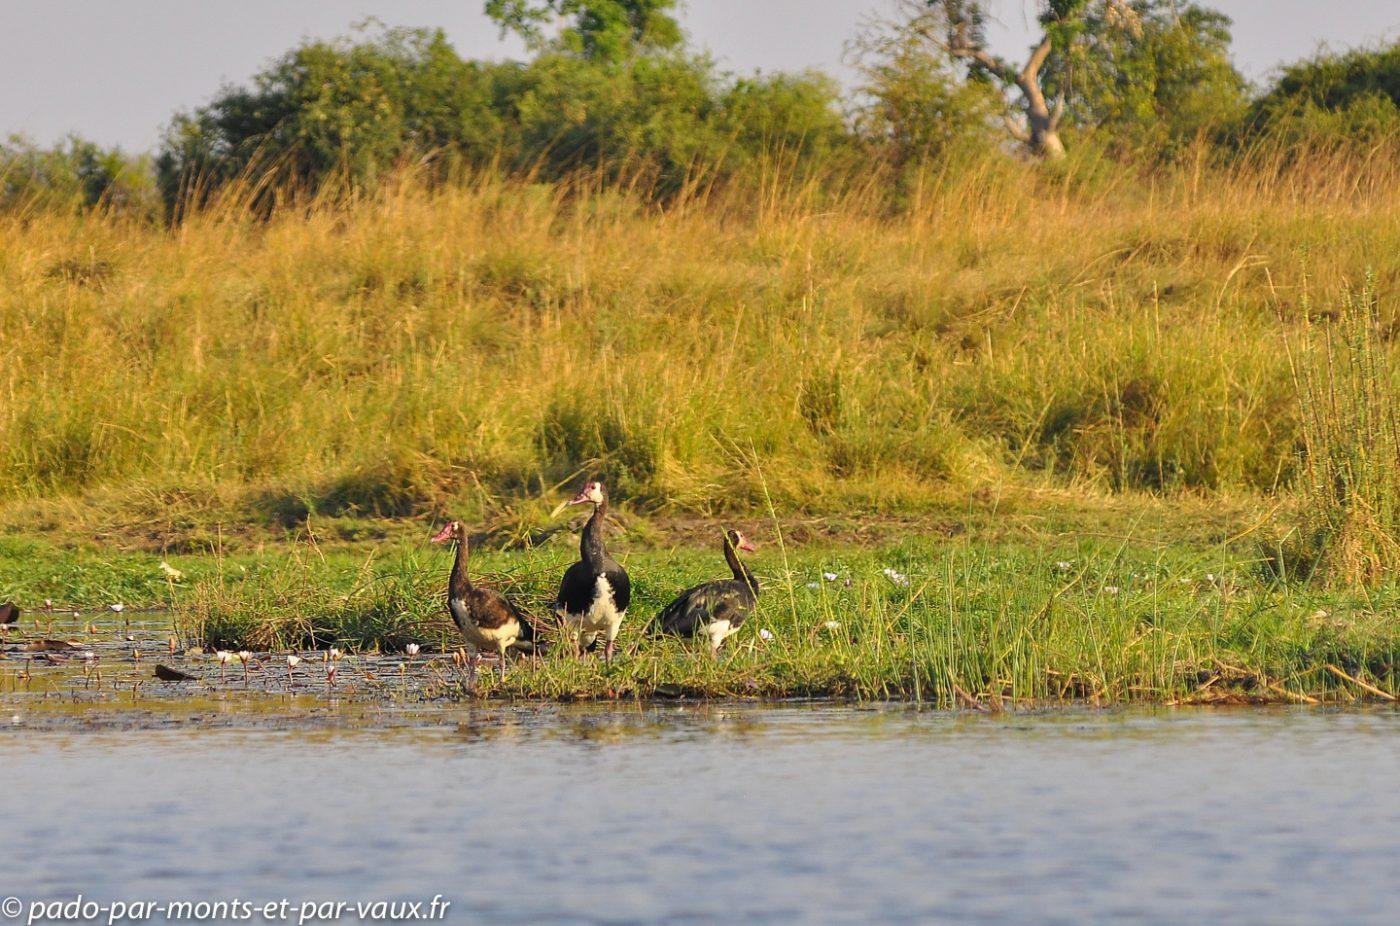 Rivière Chobe - Oies armées de Gambie